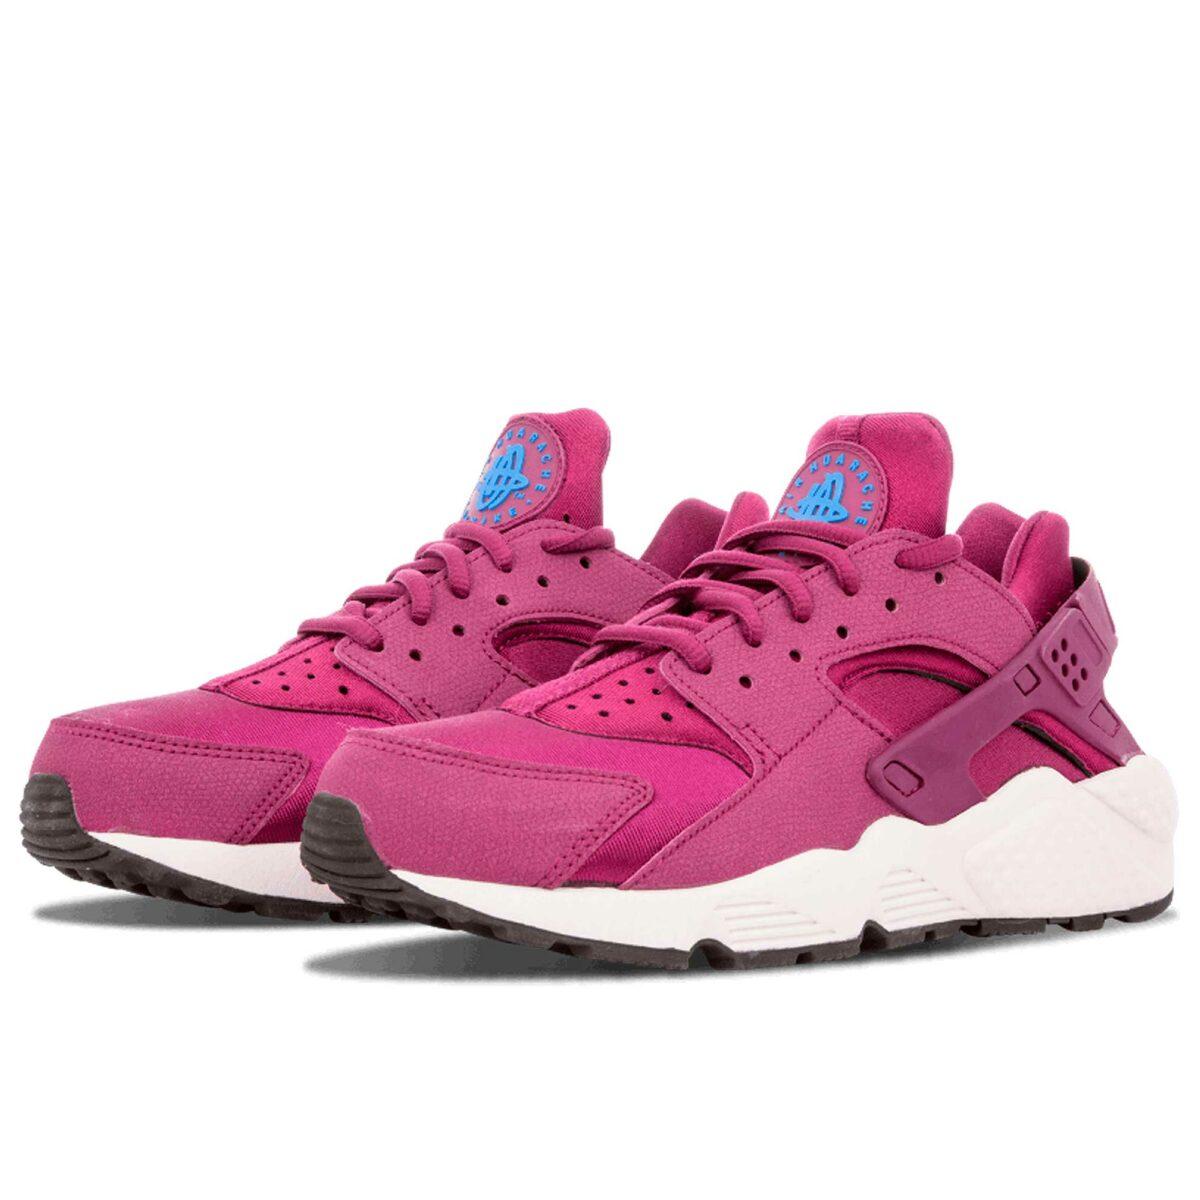 nike air huarache run pink white 634835_500 купить